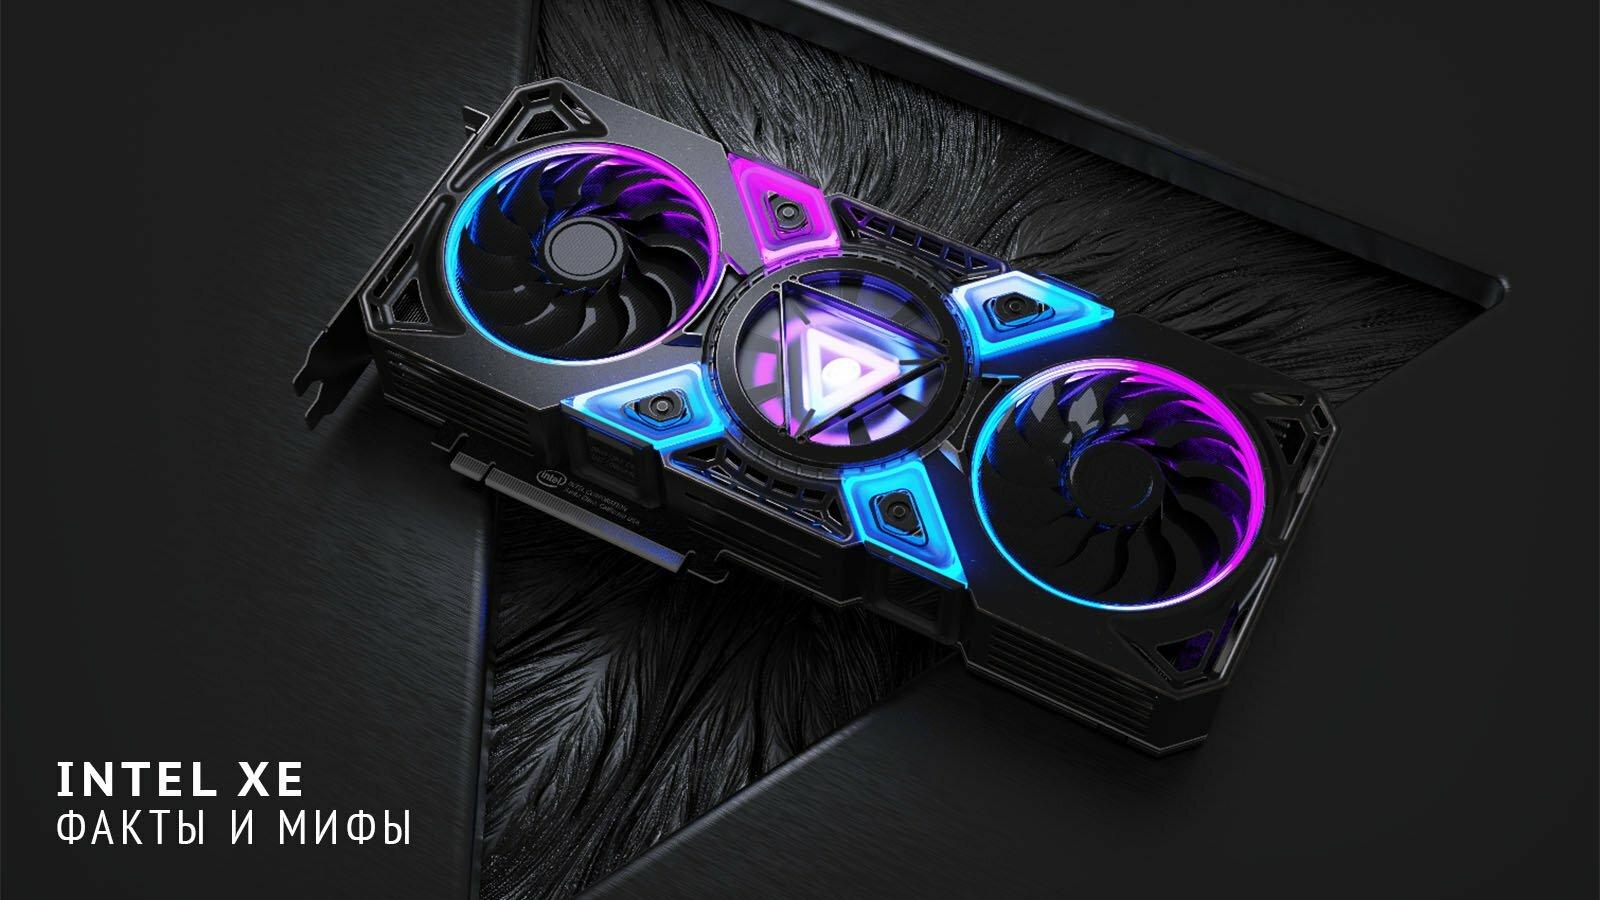 Intel Xe - видеокарты от Intel (Информация)